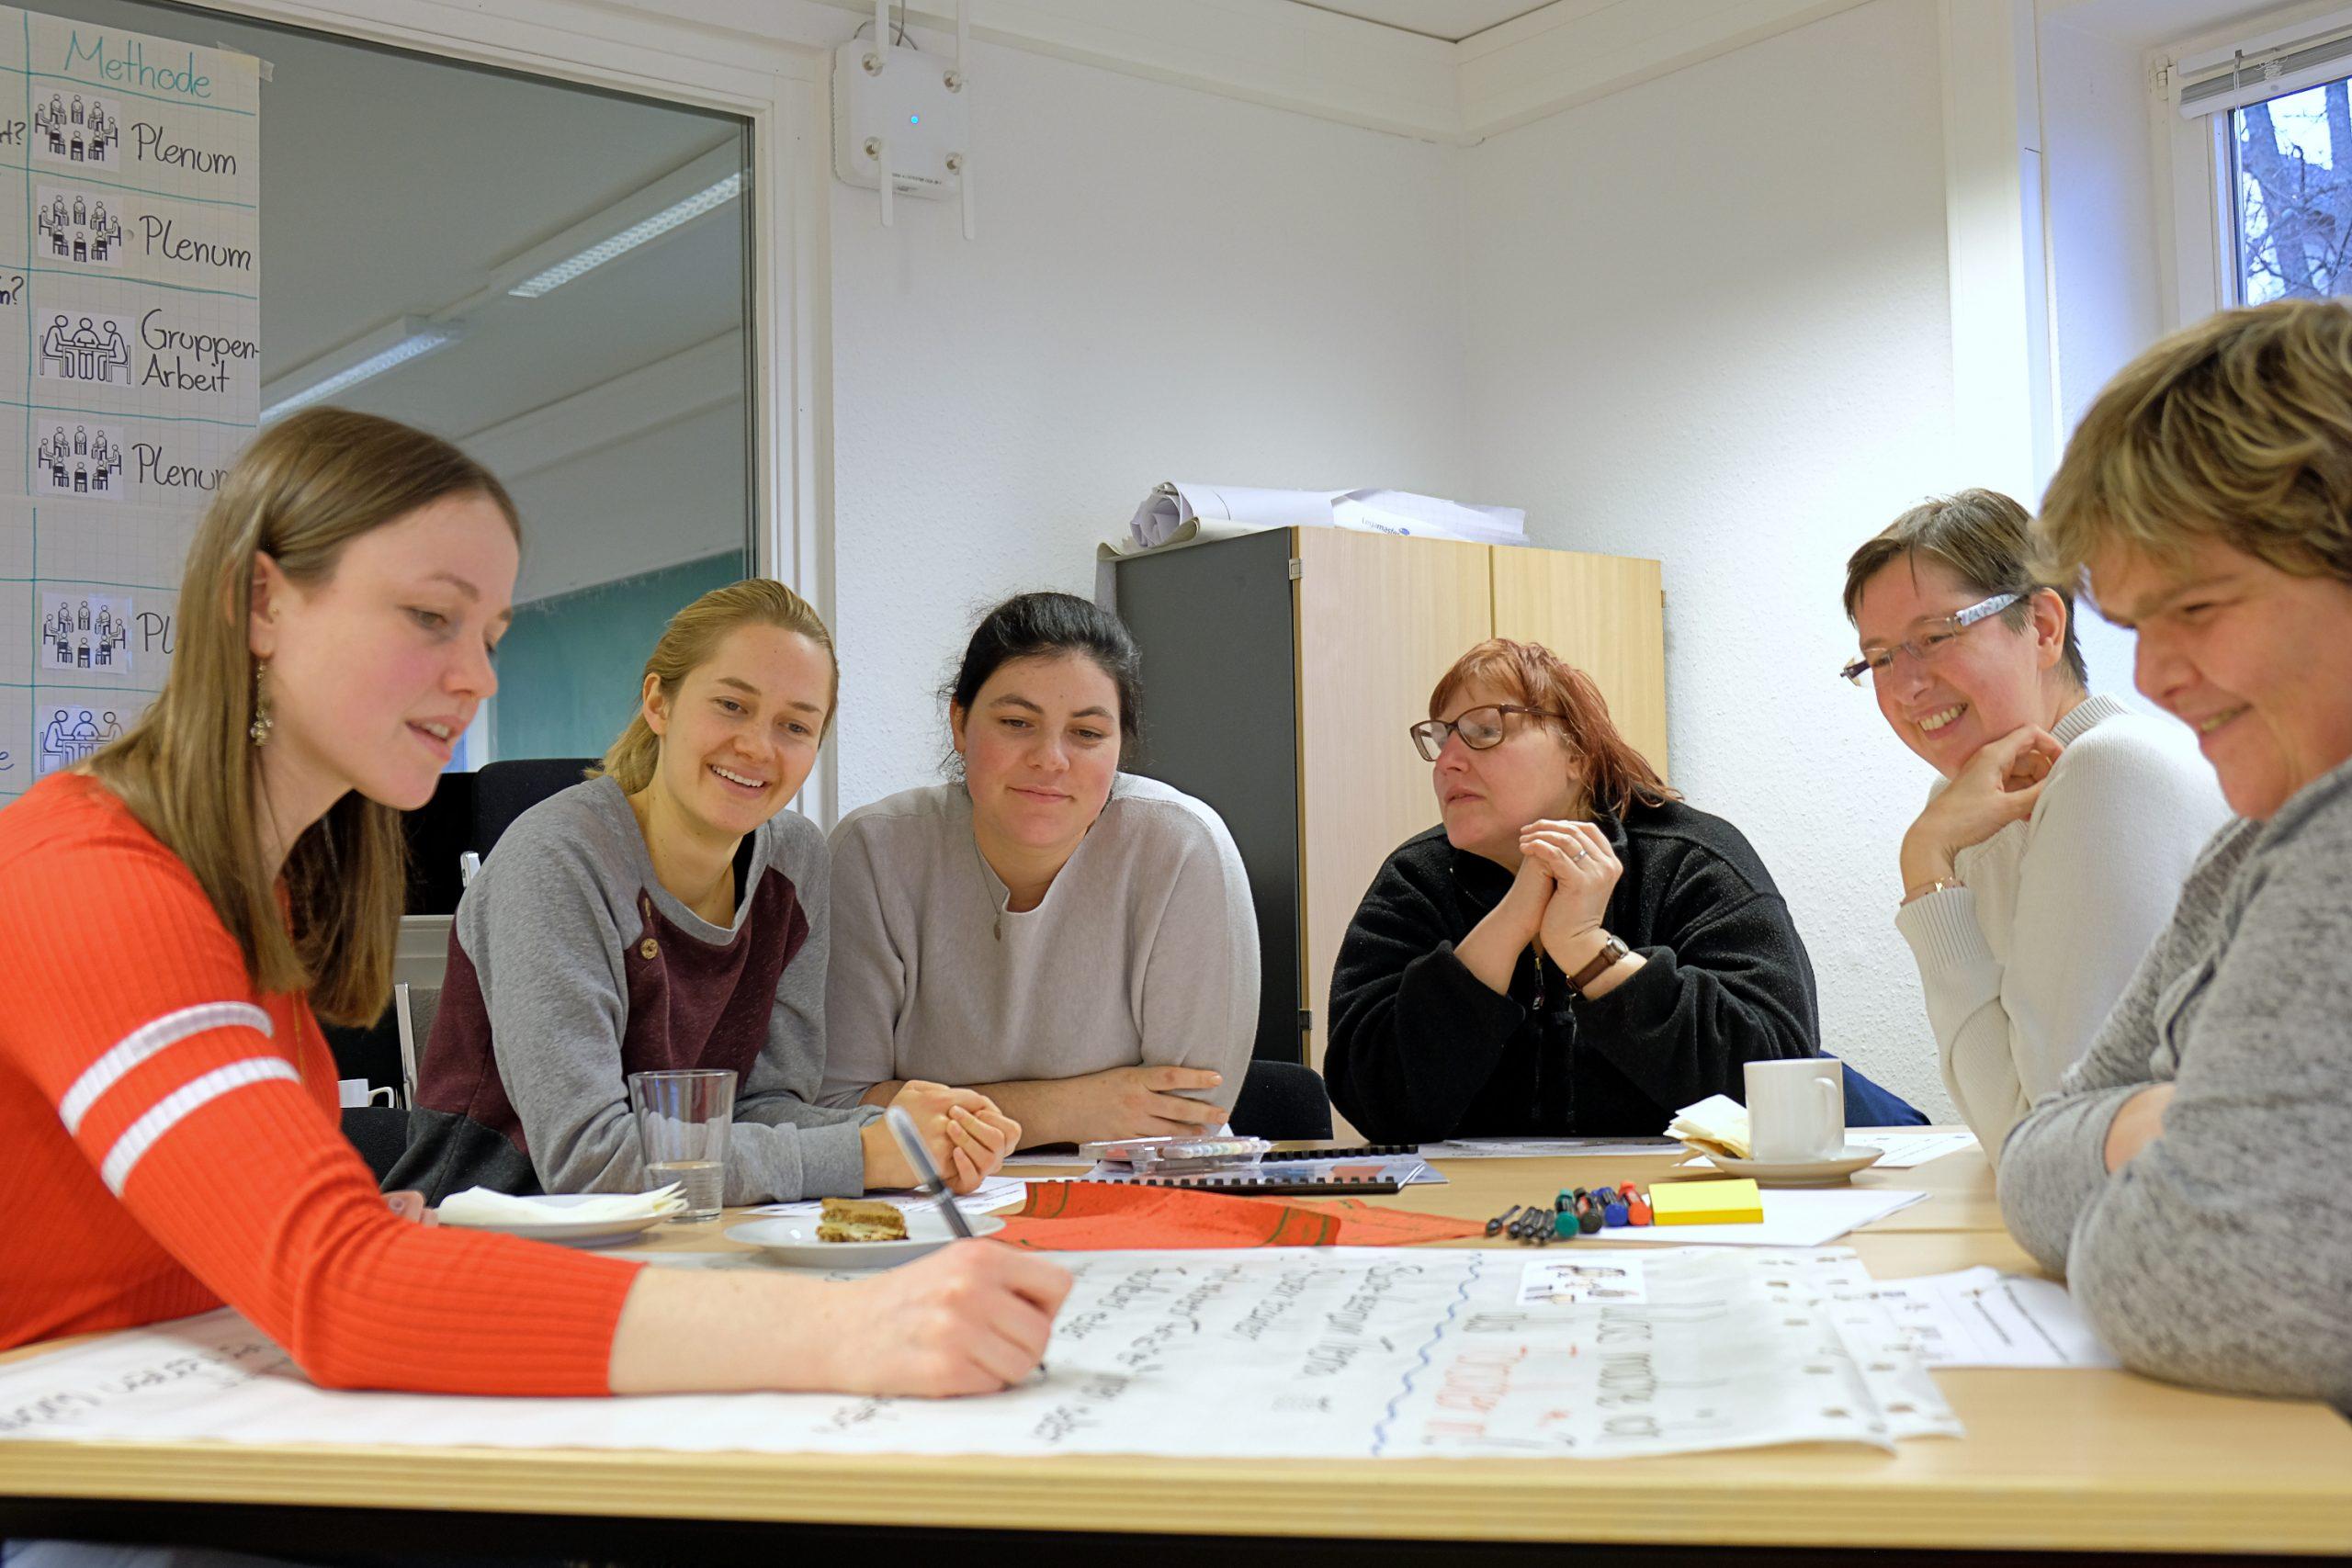 Personen sitzen bei InFoh Treffen an einem Tisch und bearbeiten ein Plakat